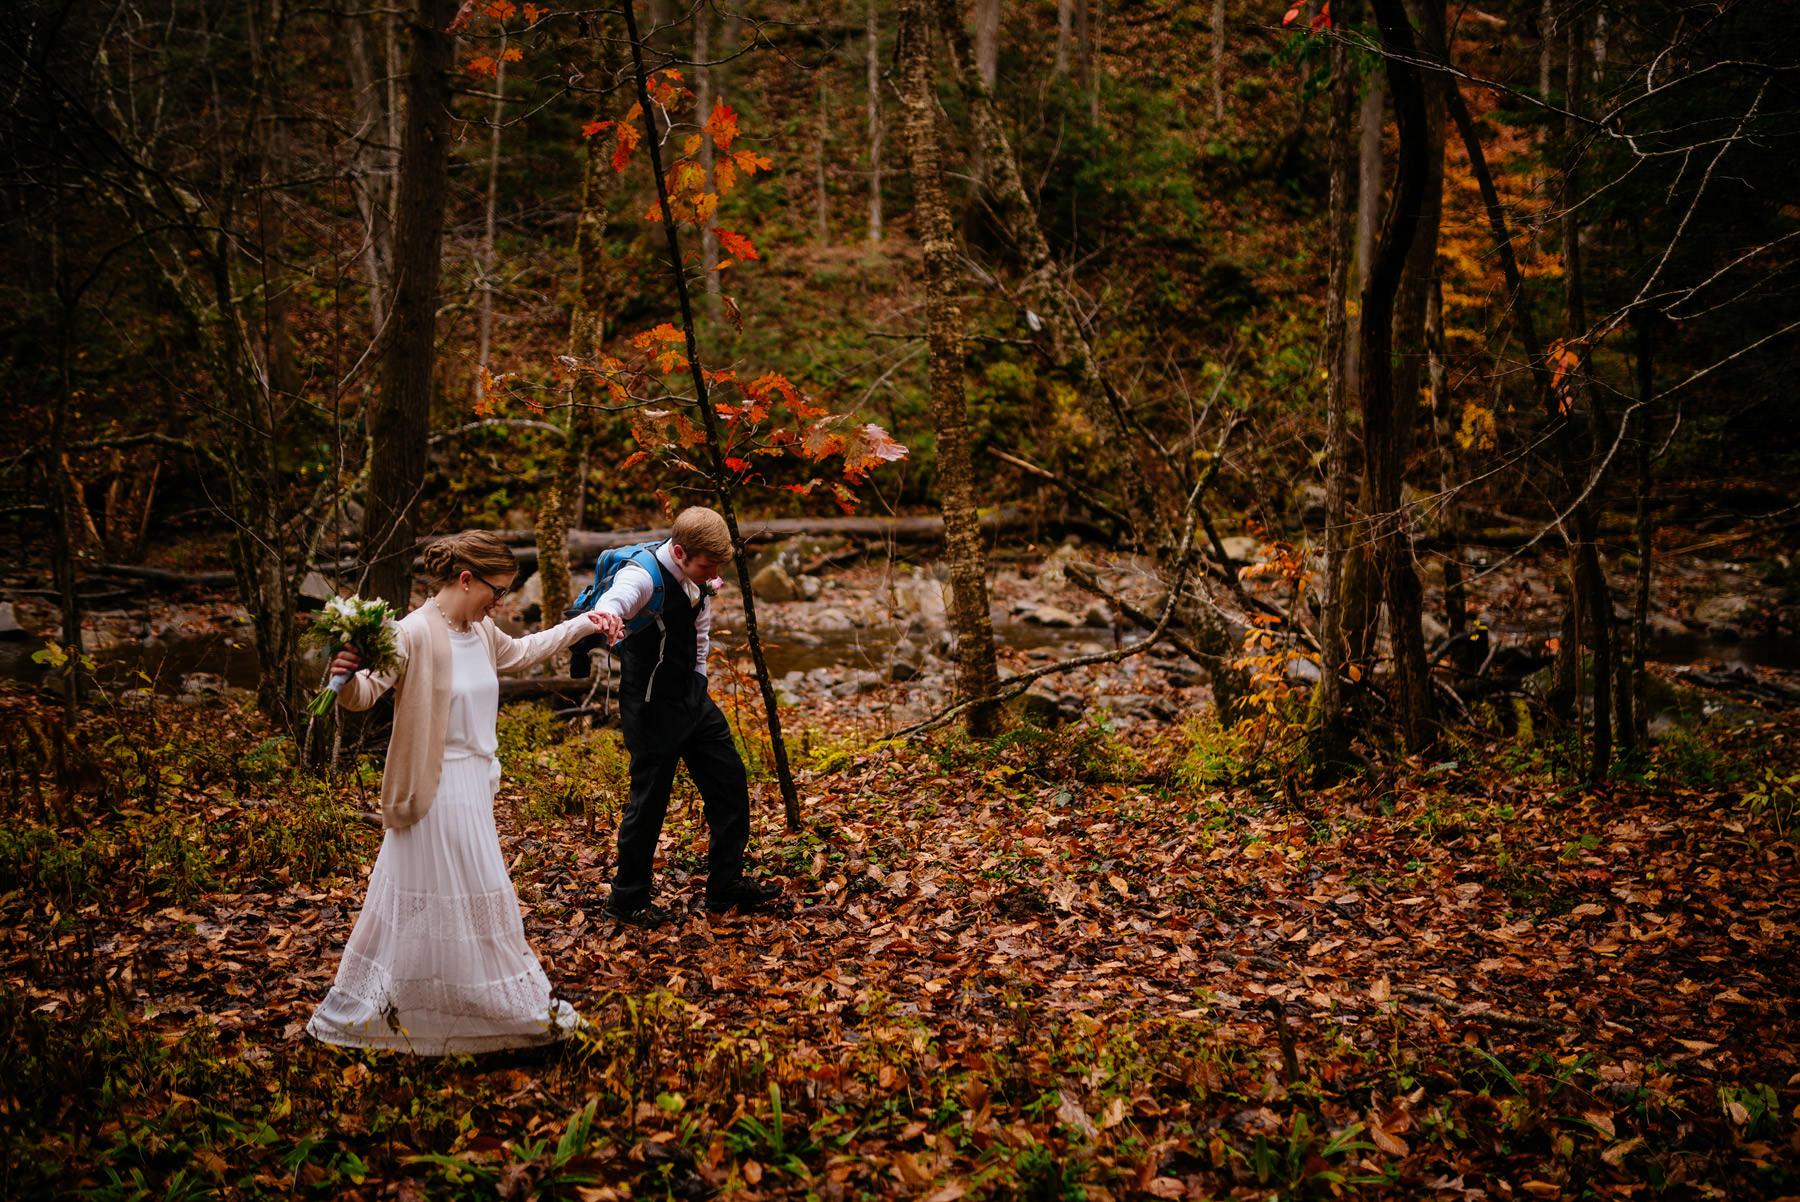 bride groom glade creek wv hiking elopement